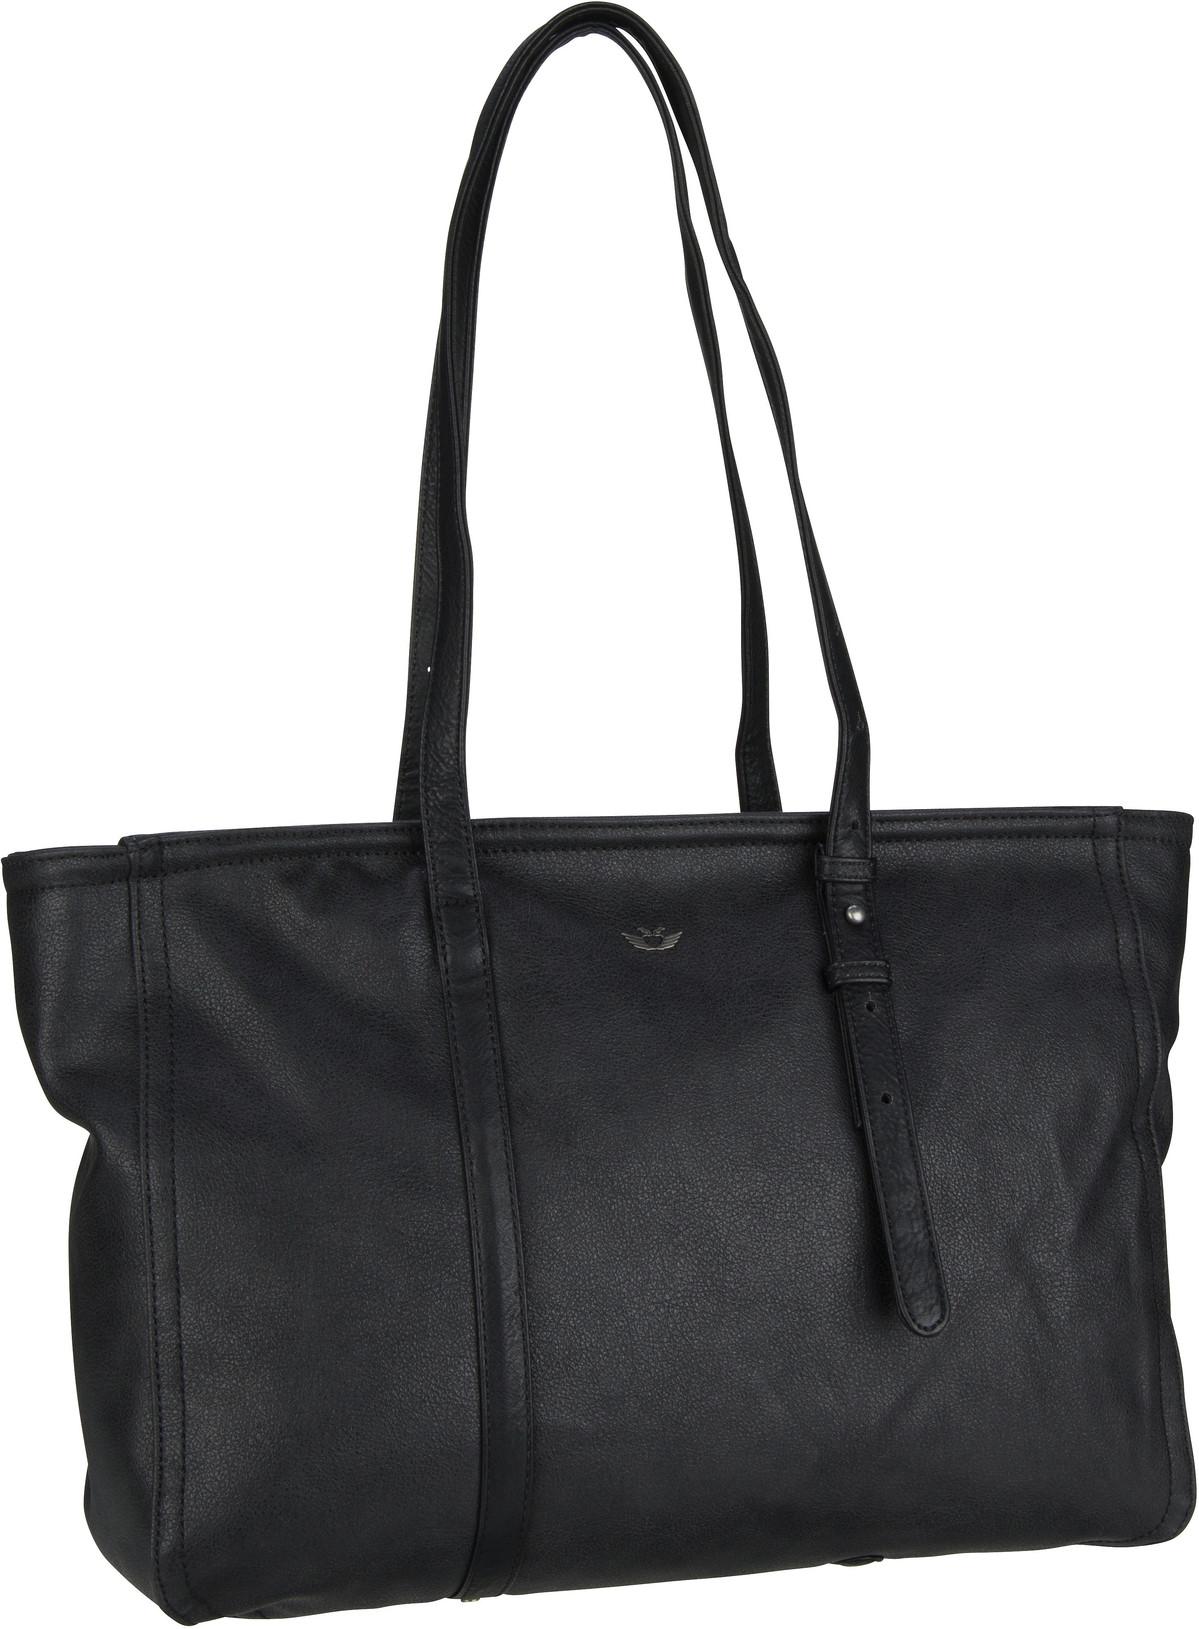 Handtasche Iska Orion Black